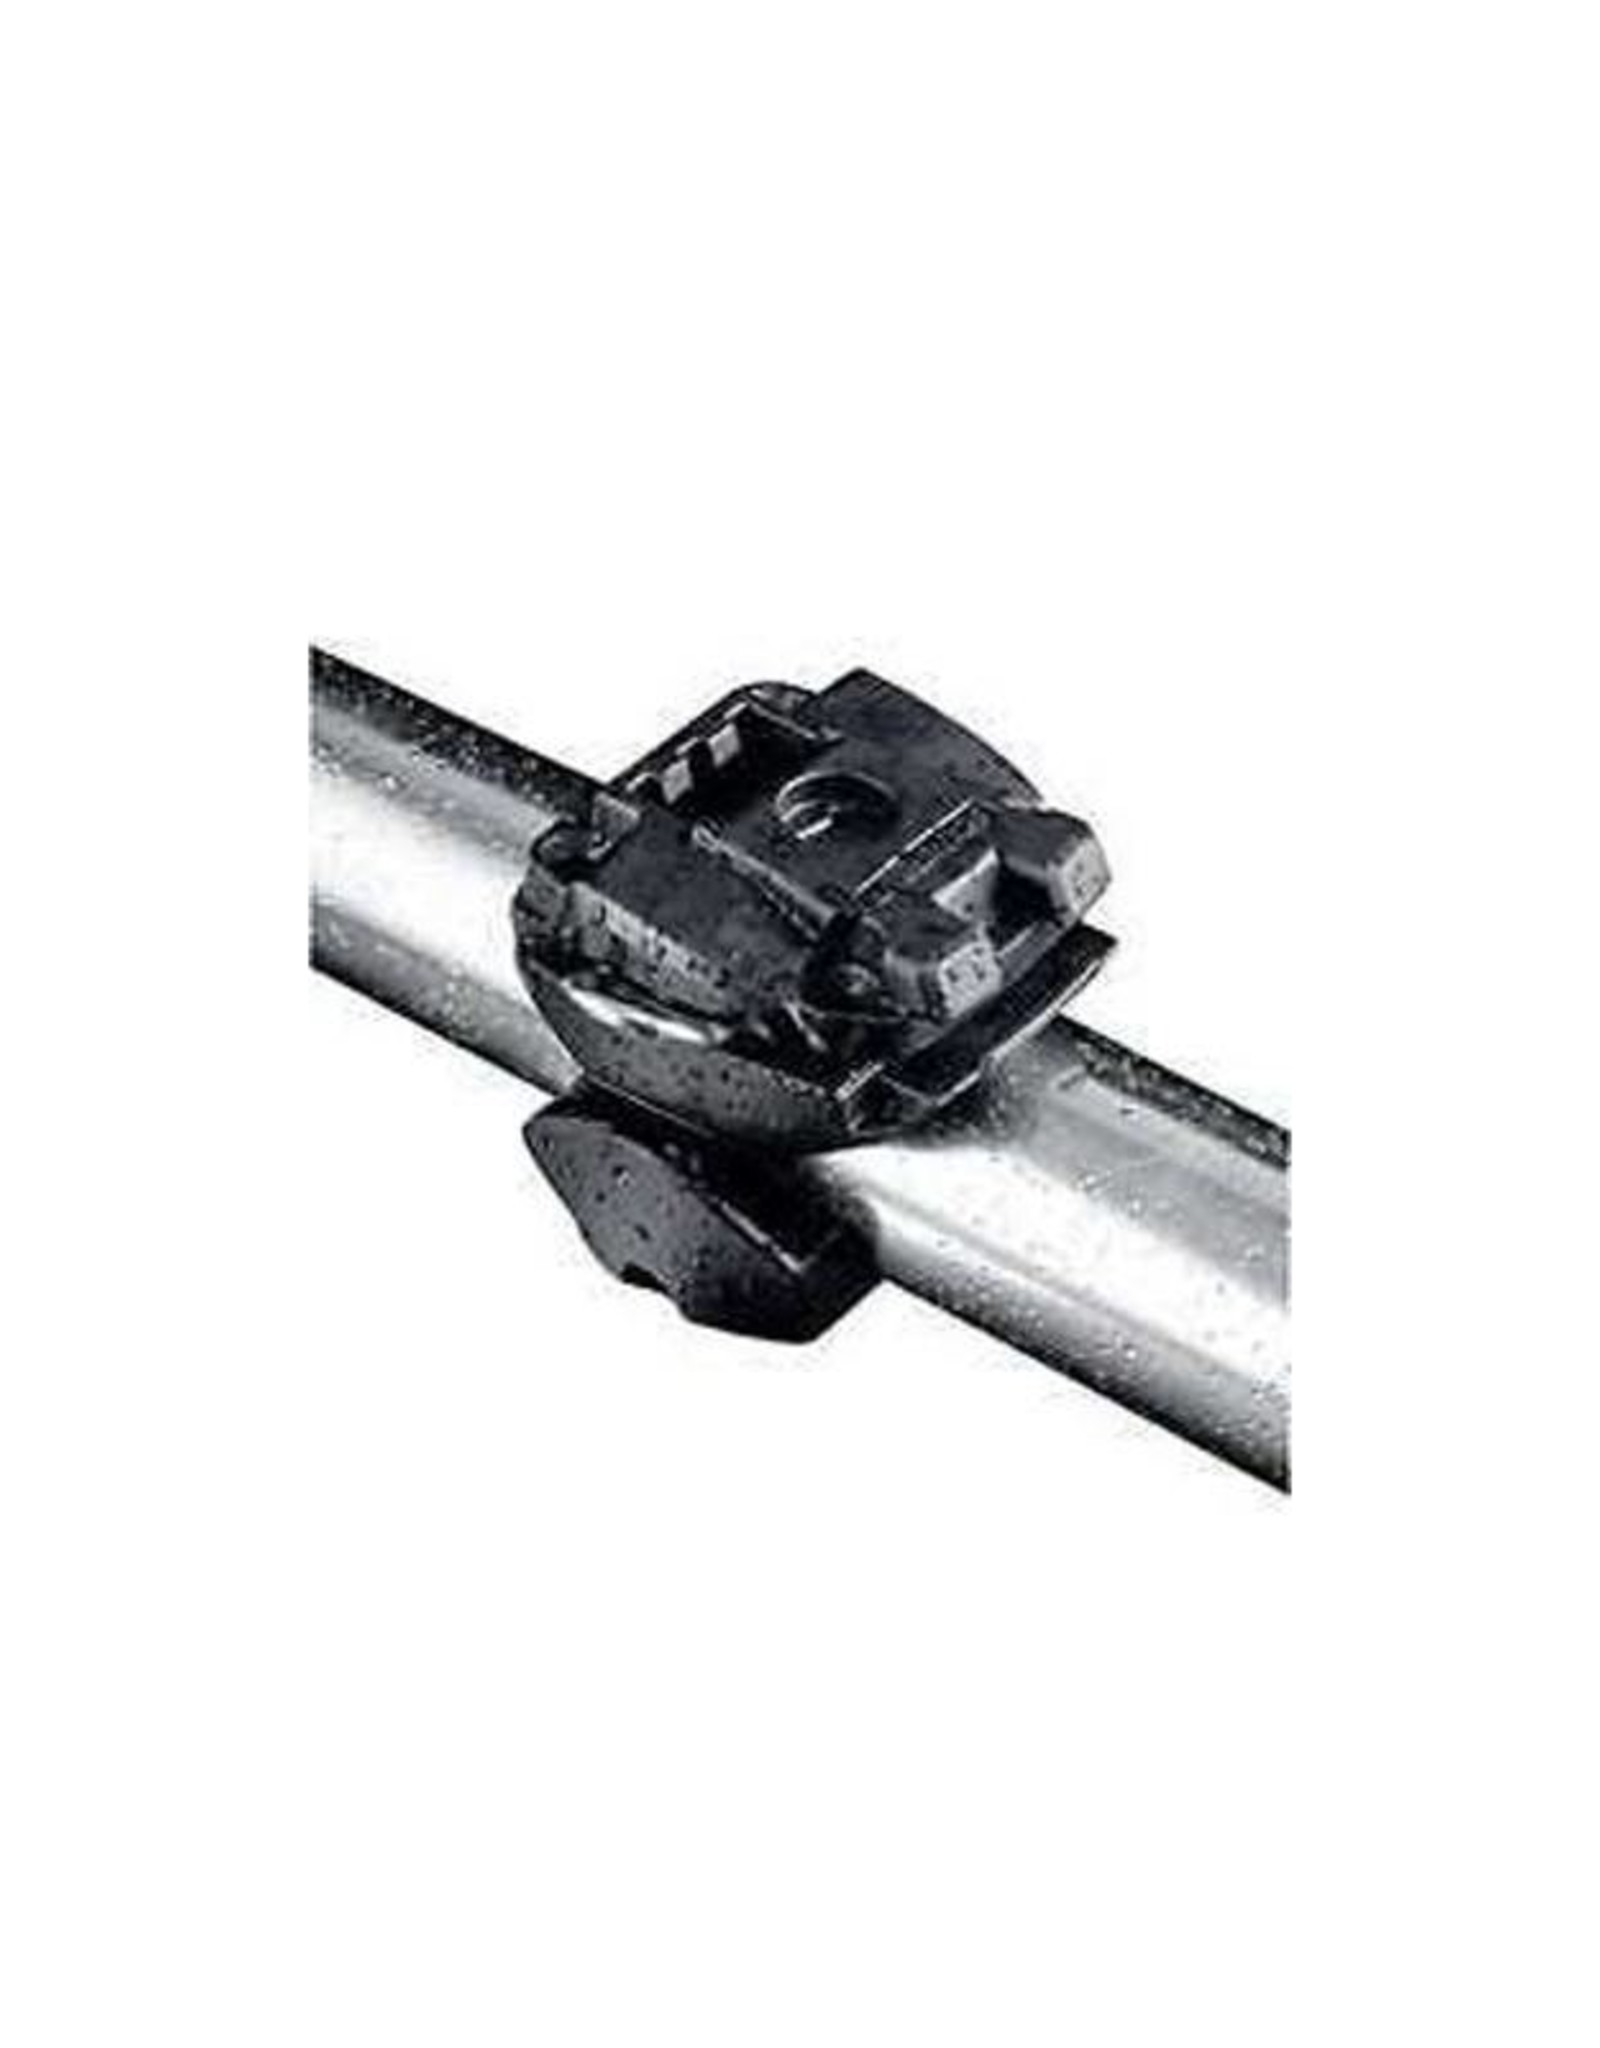 ROKK BASE PLATE RAIL MNT (#3) RLS-402